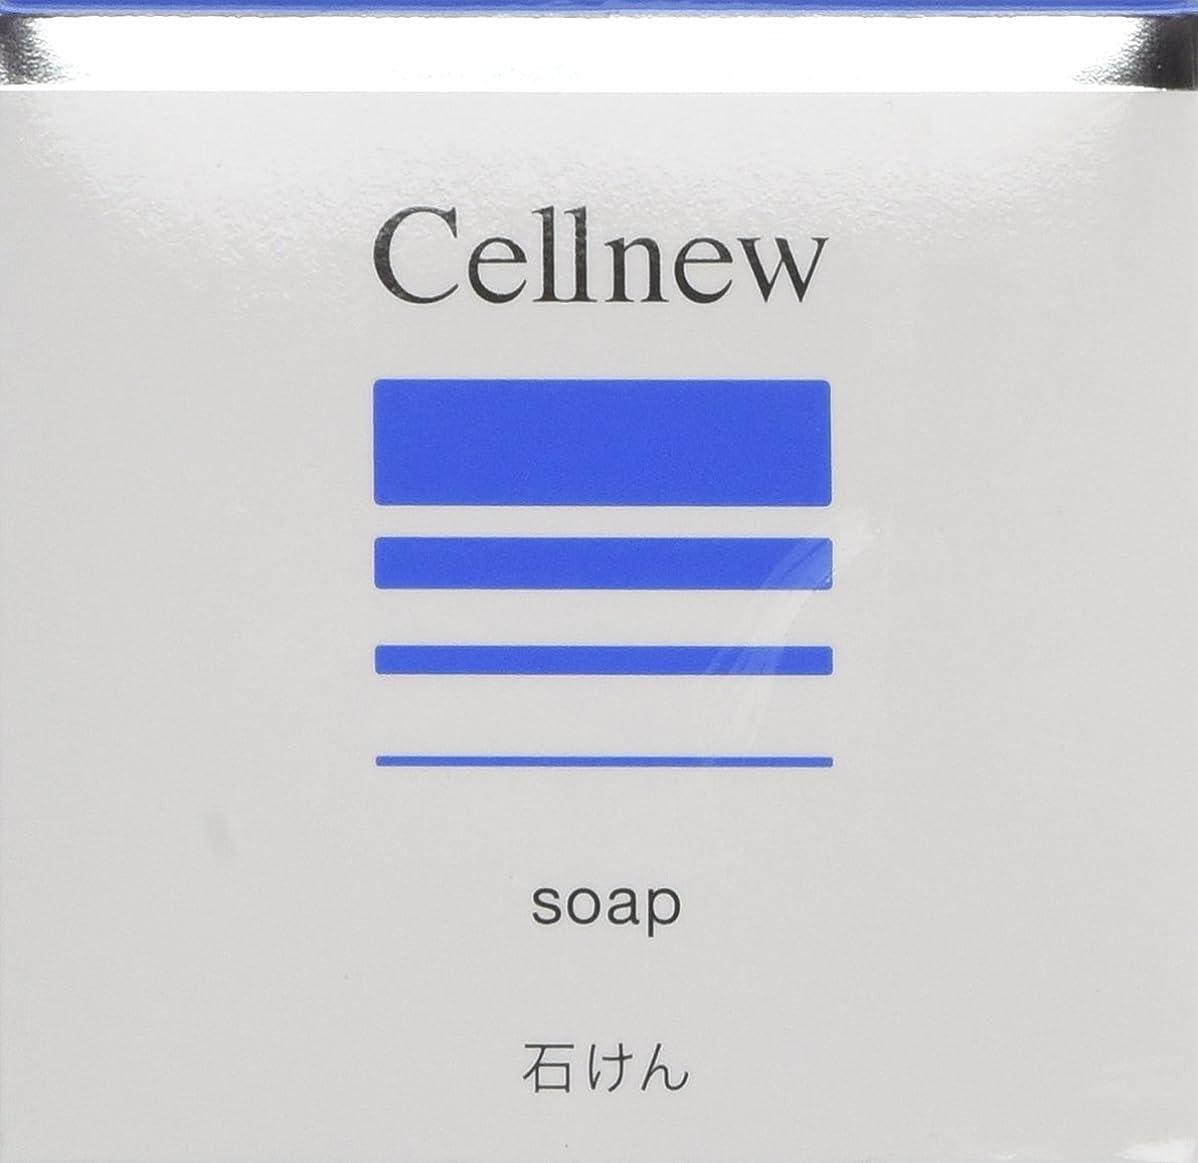 乱れ事前に然としたセルニュー ソープ 80g [CN]【洗顔石鹸?洗顔せっけん】